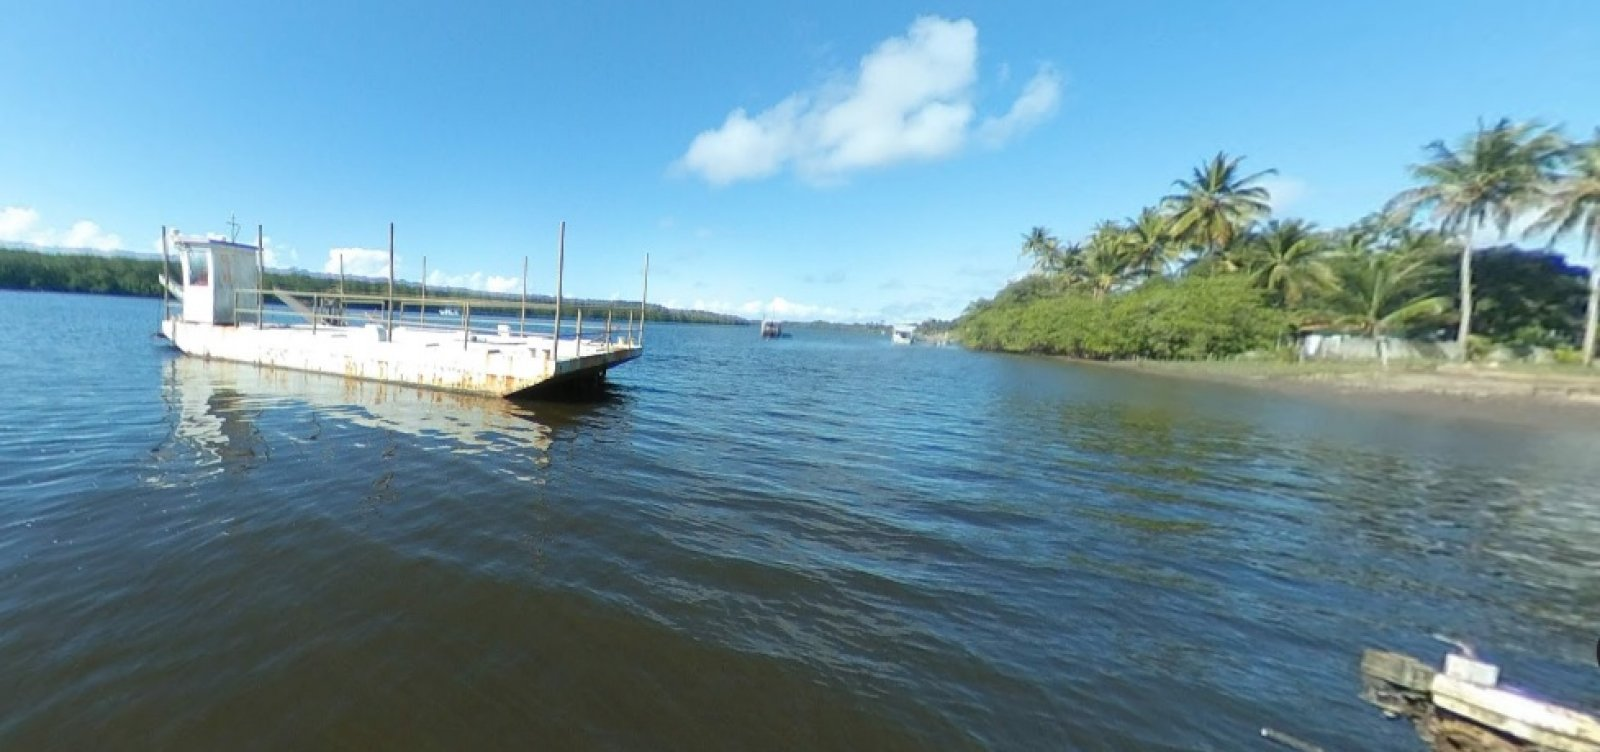 Vila Galé abandona projeto hoteleiro em suposta zona indígena na Bahia